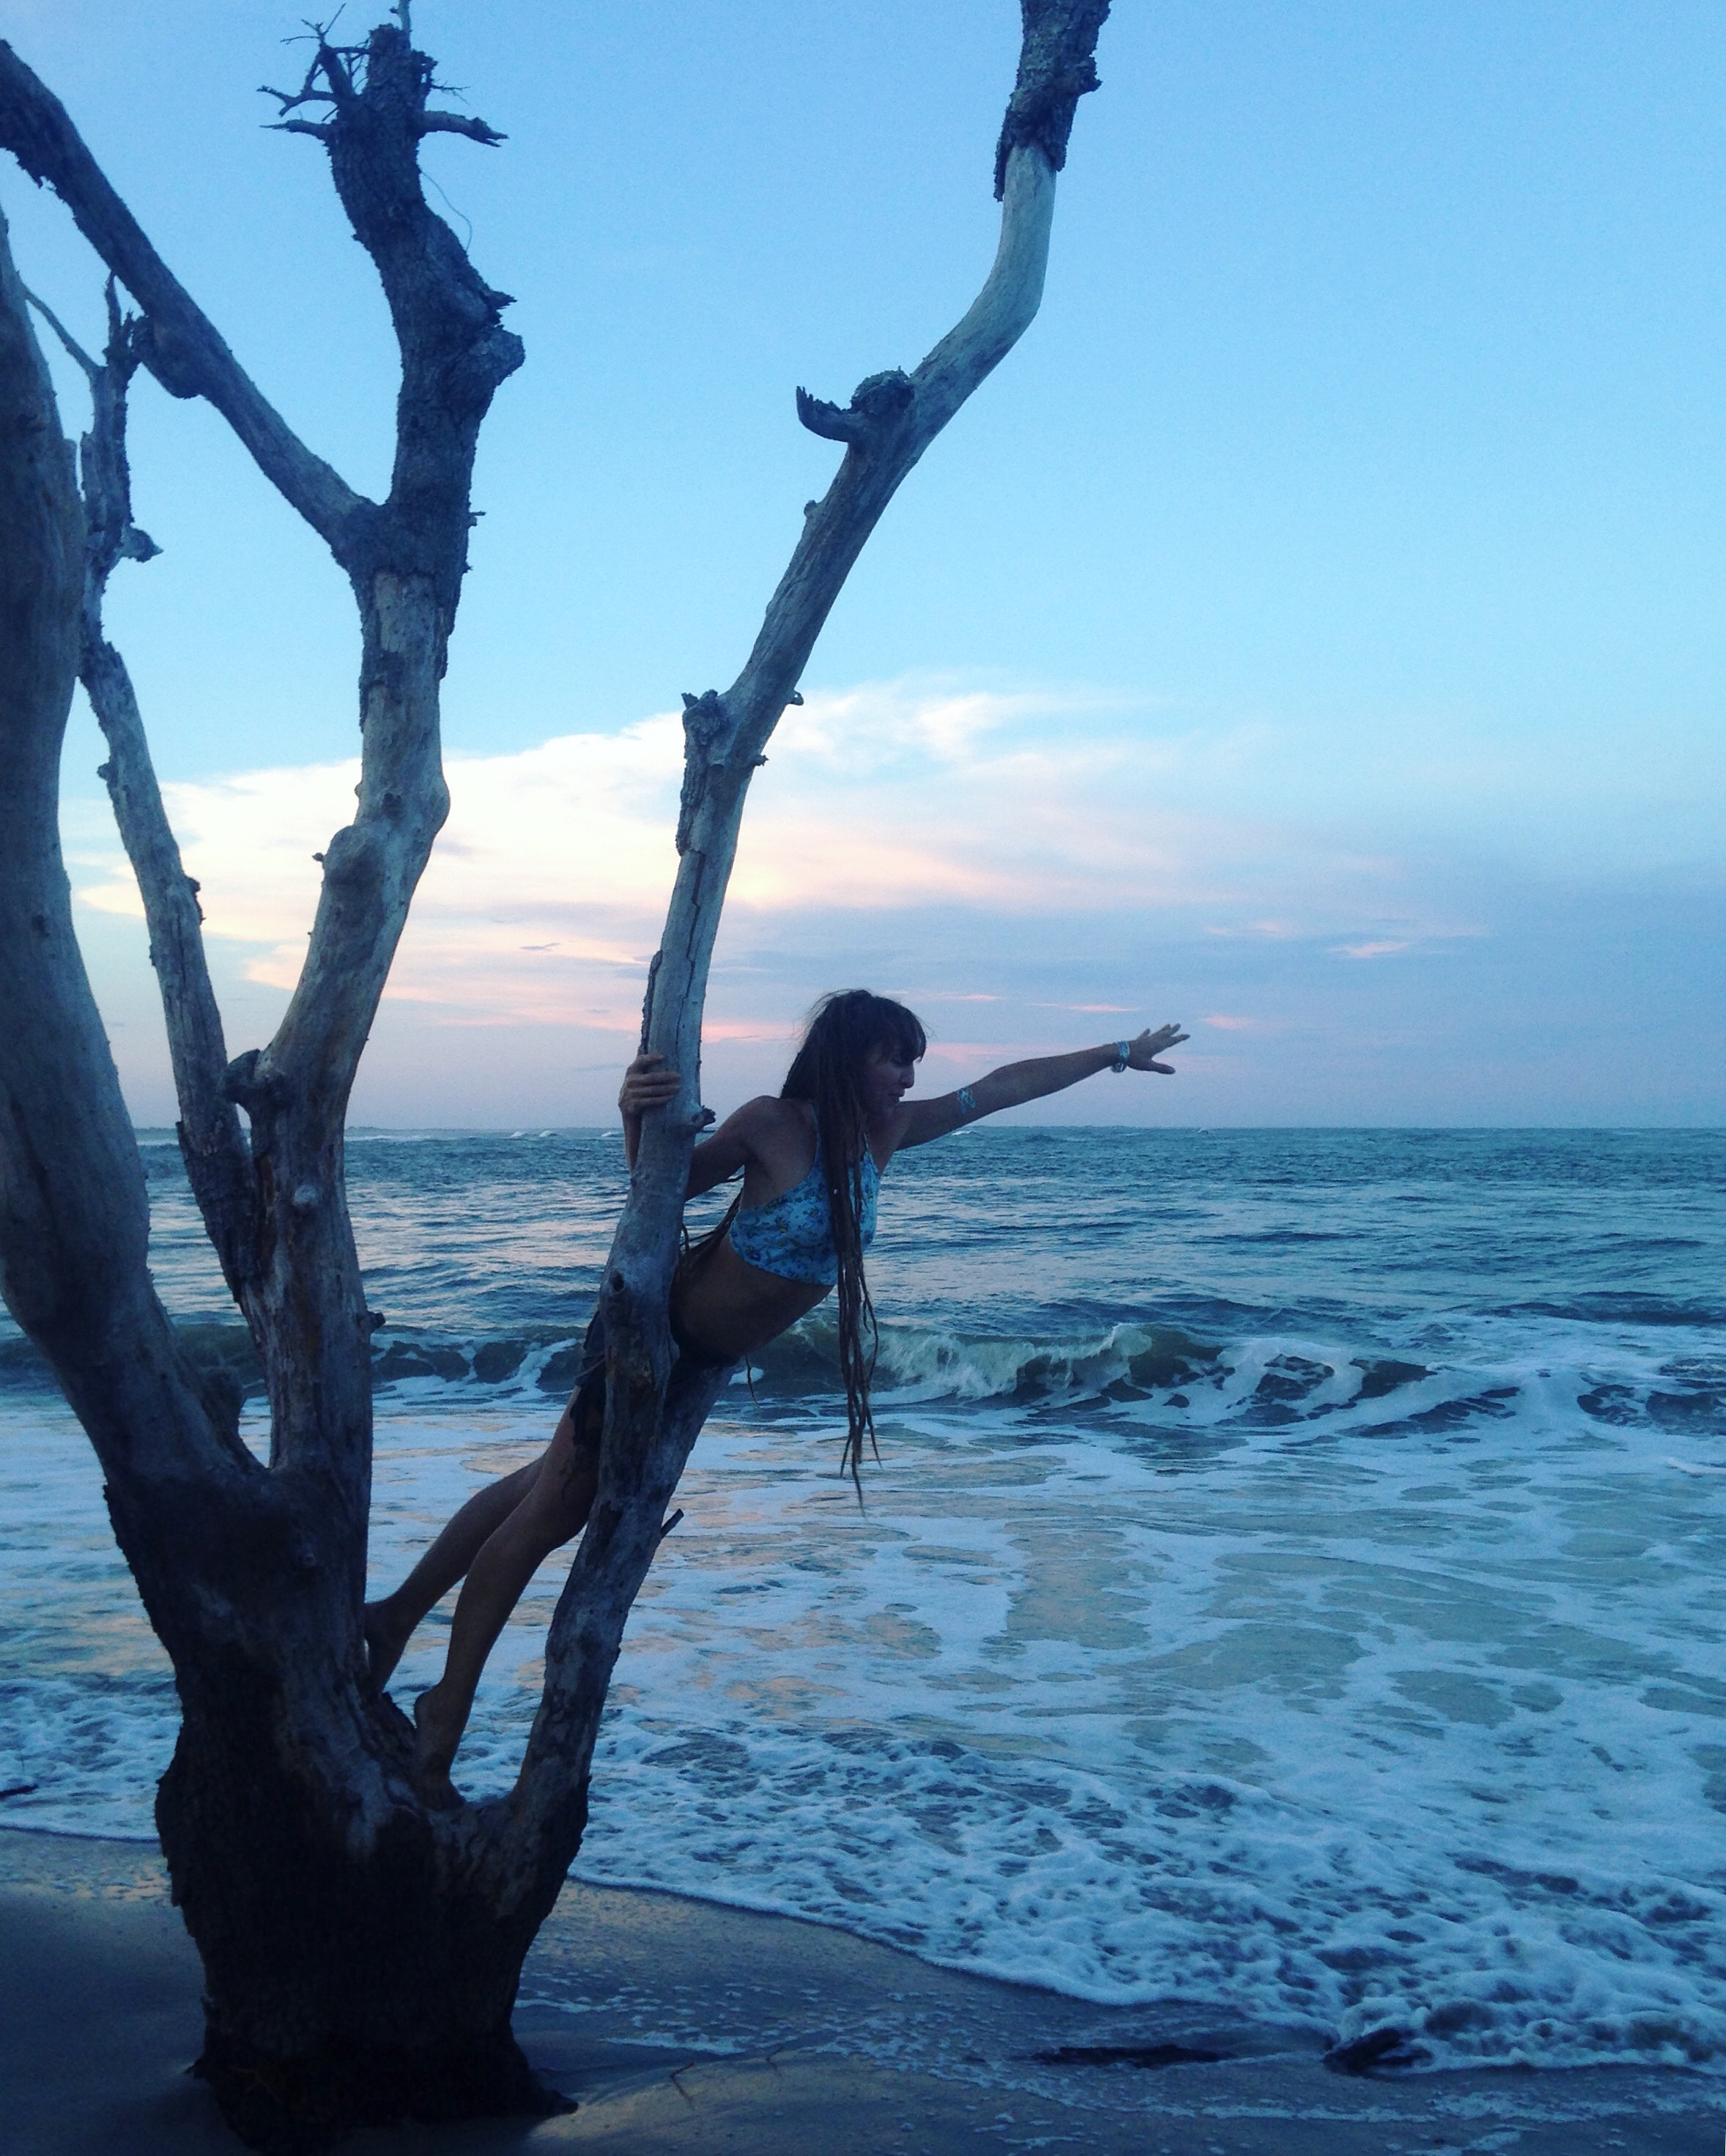 folly beach sc sunset